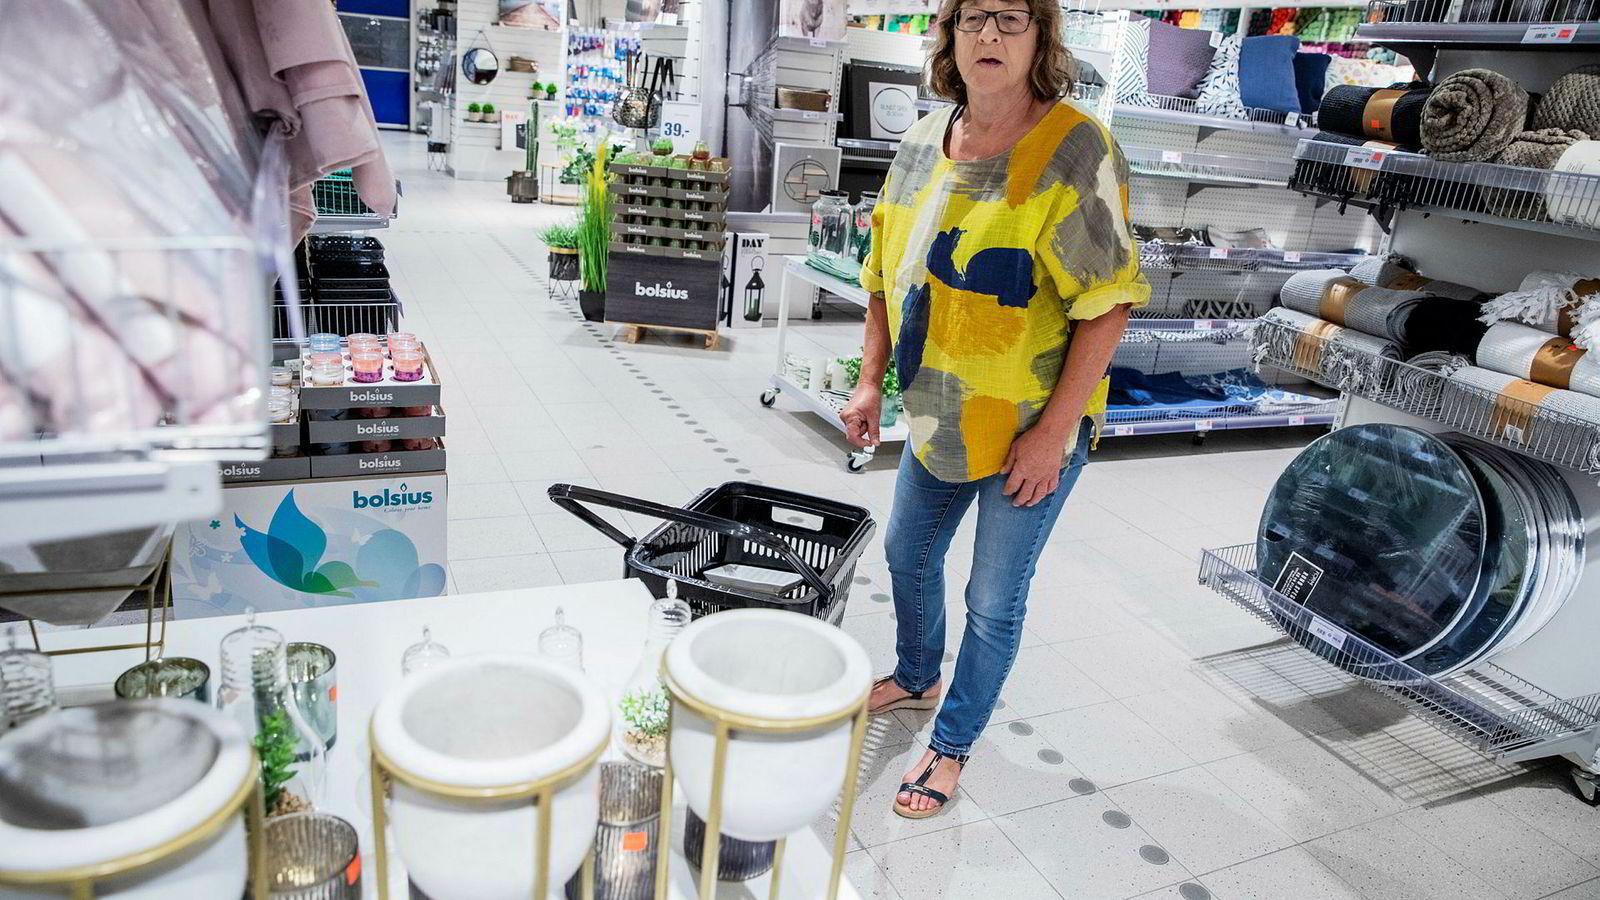 Tekstilkjeden Spar Kjøp taper penger for fjerde året på rad. Kjeden selger via netthandel og butikker, som her på Lørenskog utenfor Oslo. Gro Pettersen (60) er fast kunde og synes kvaliteten på tekstilene er bedre hos Spar Kjøp enn hos andre billigbutikker.